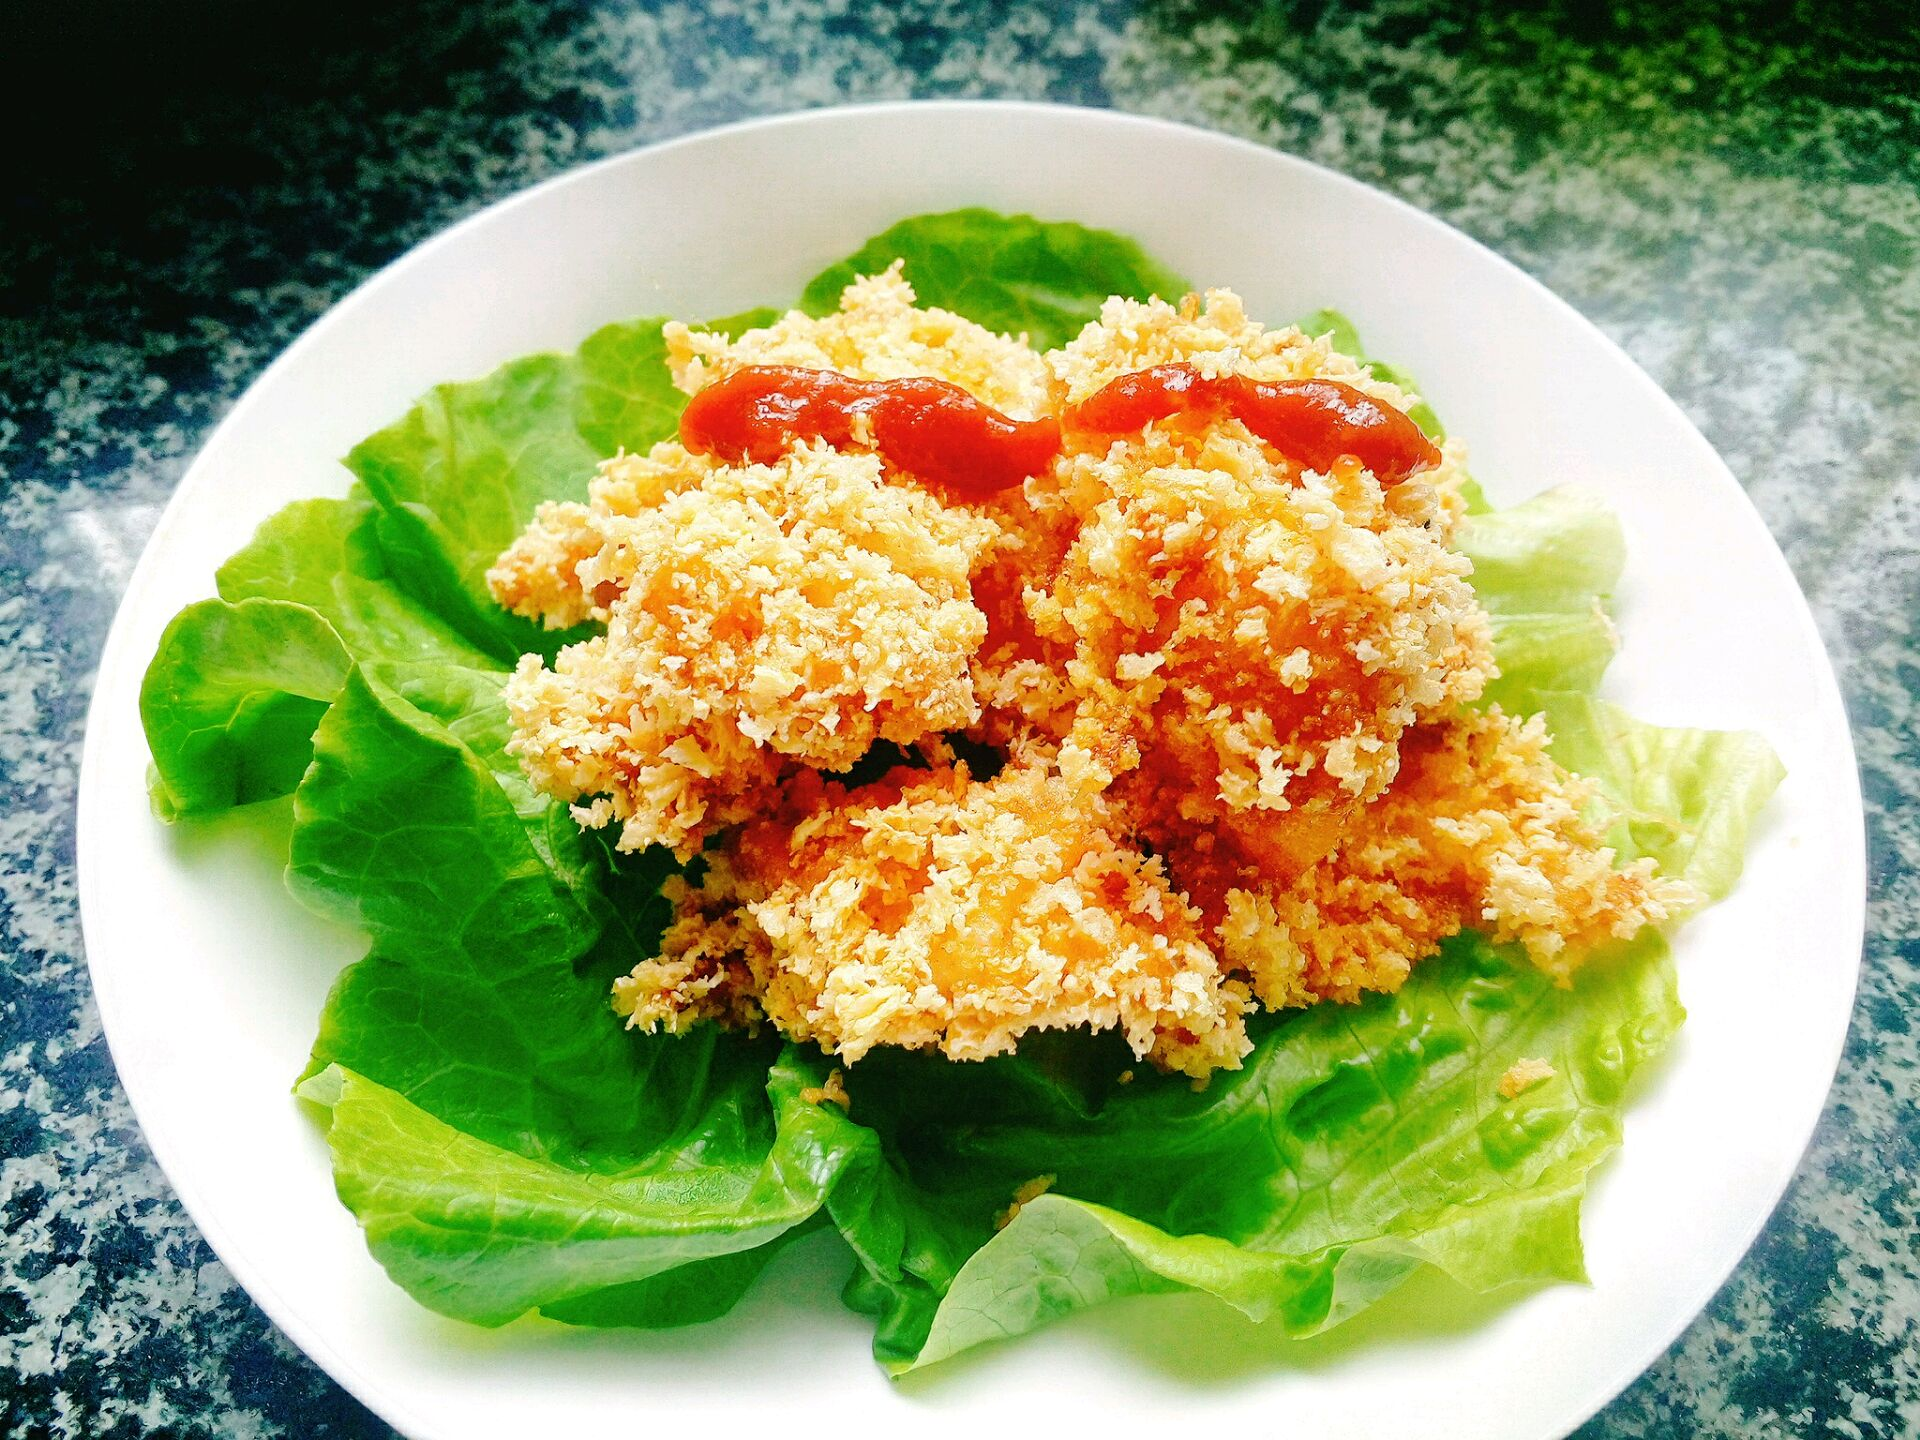 面线虾的做法_【图解】面线虾怎么做如何做好吃